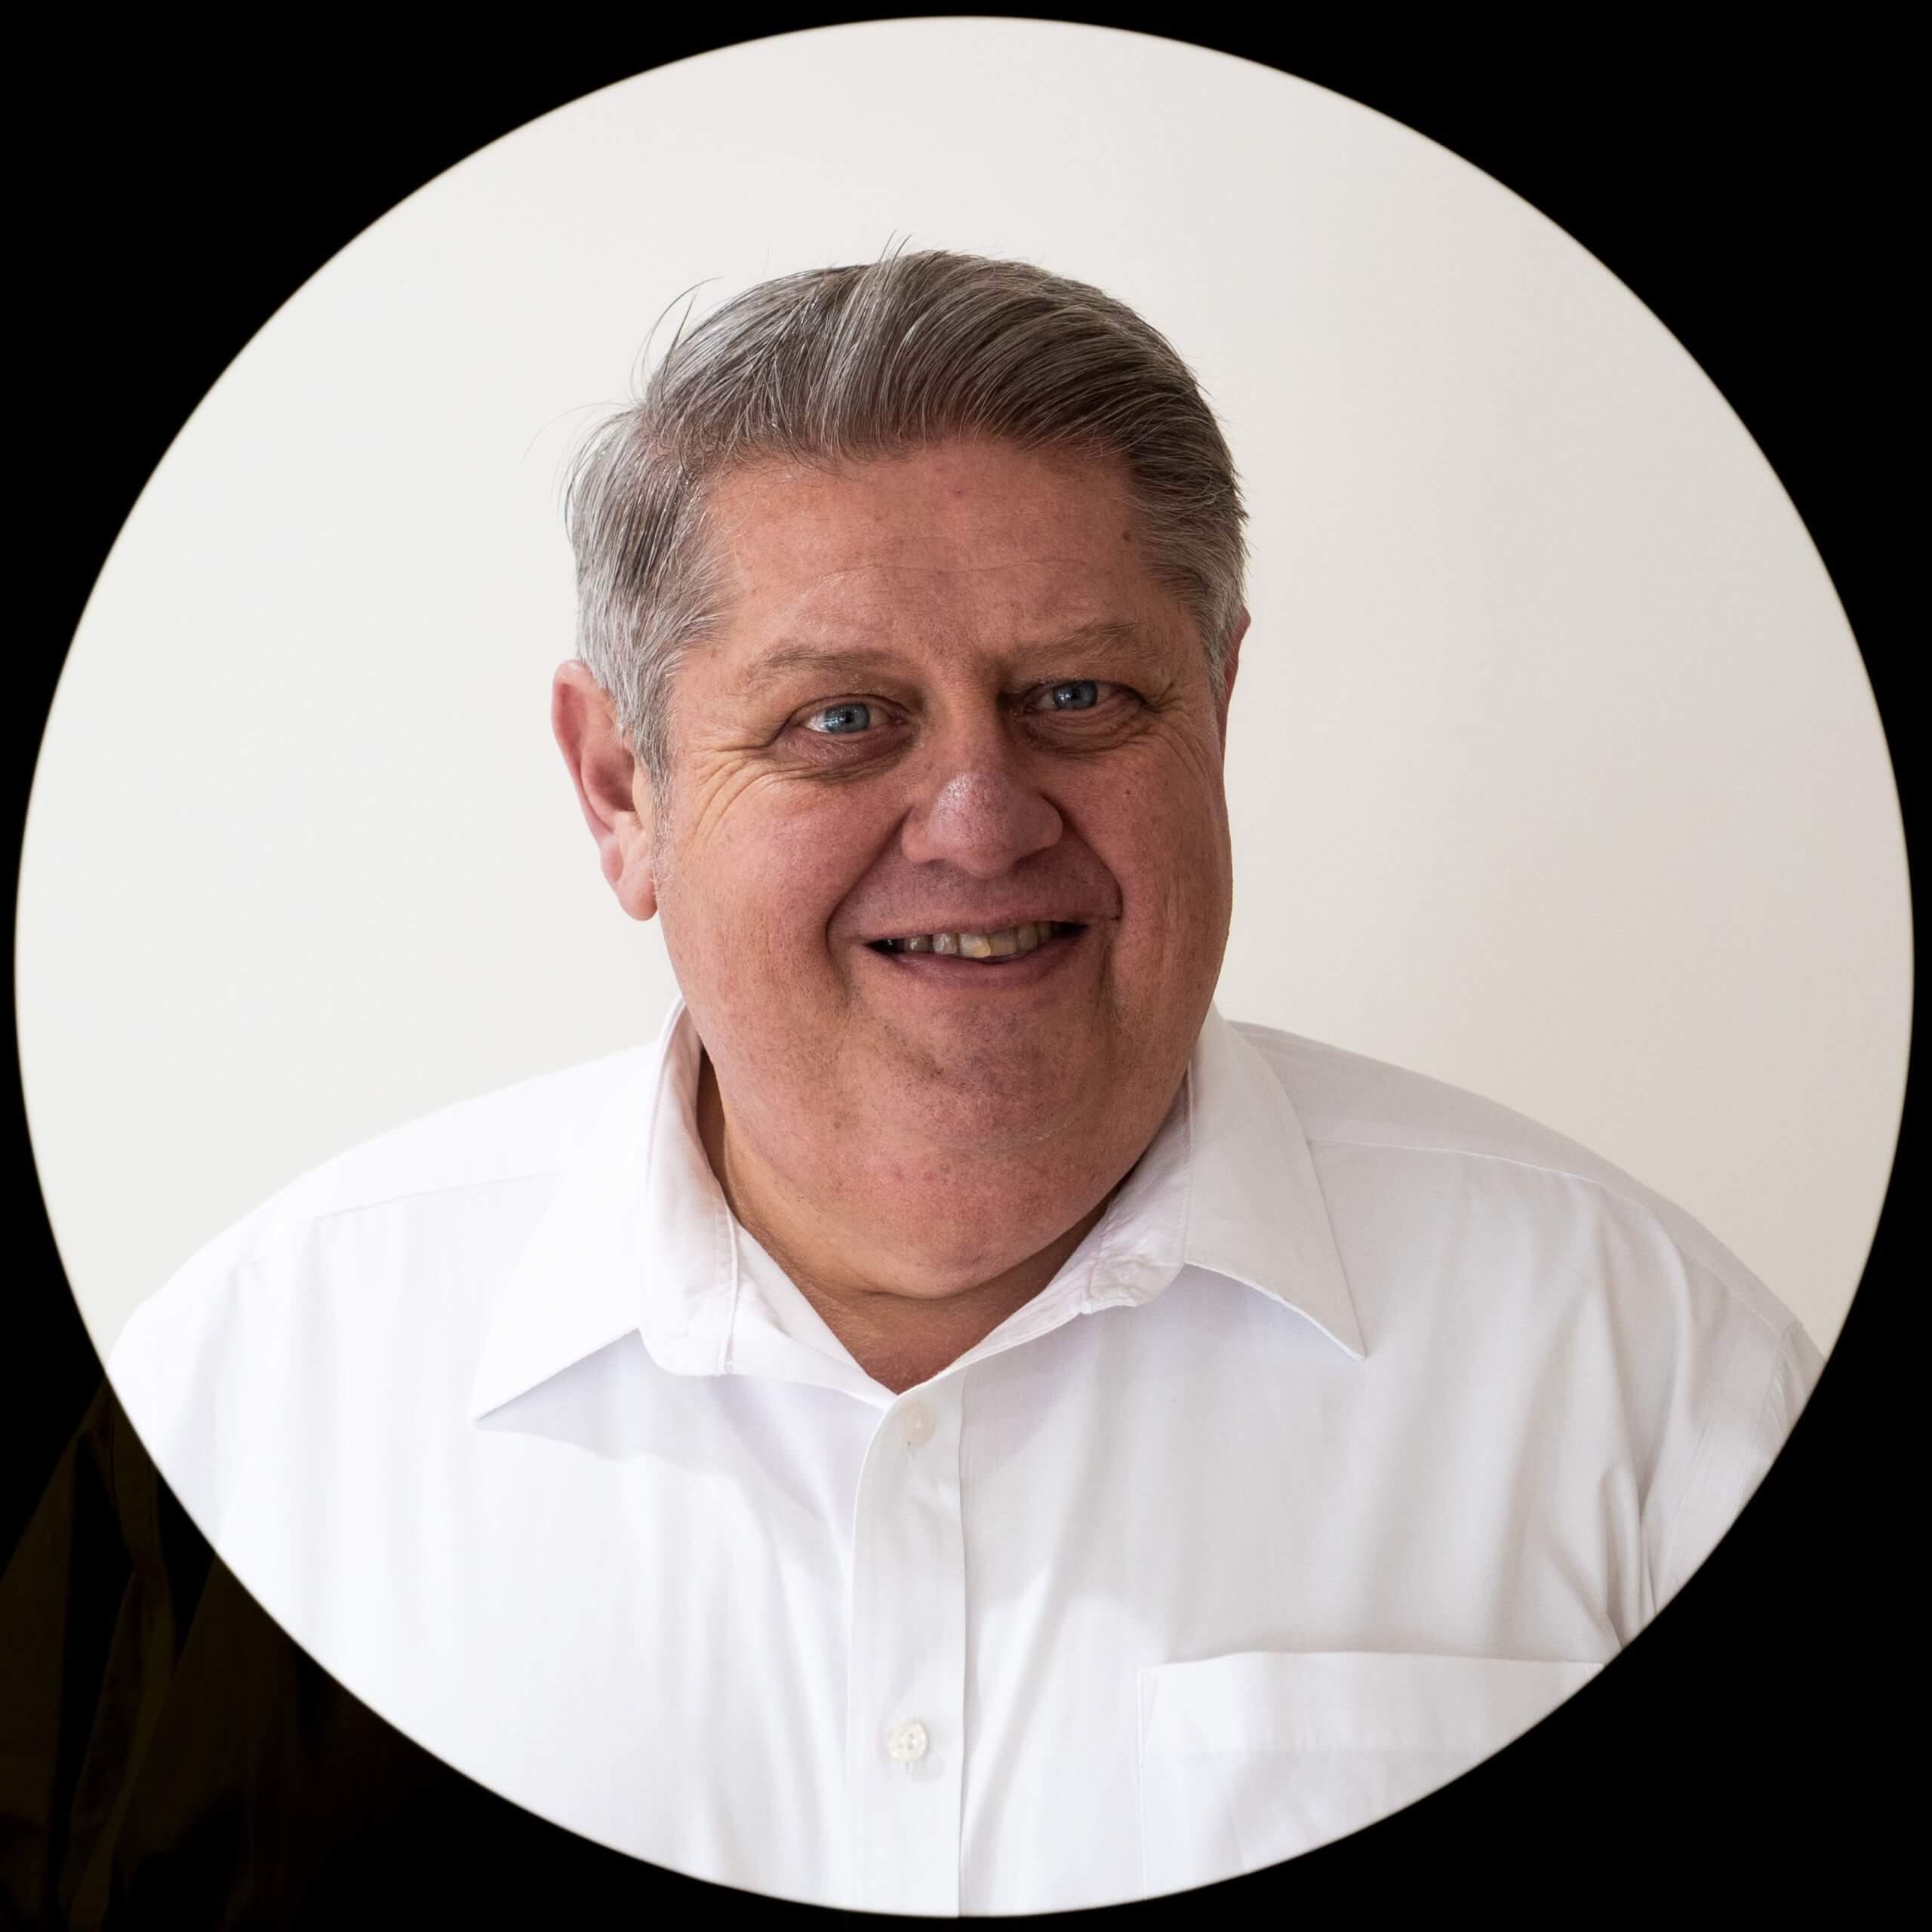 Mark Tomaino